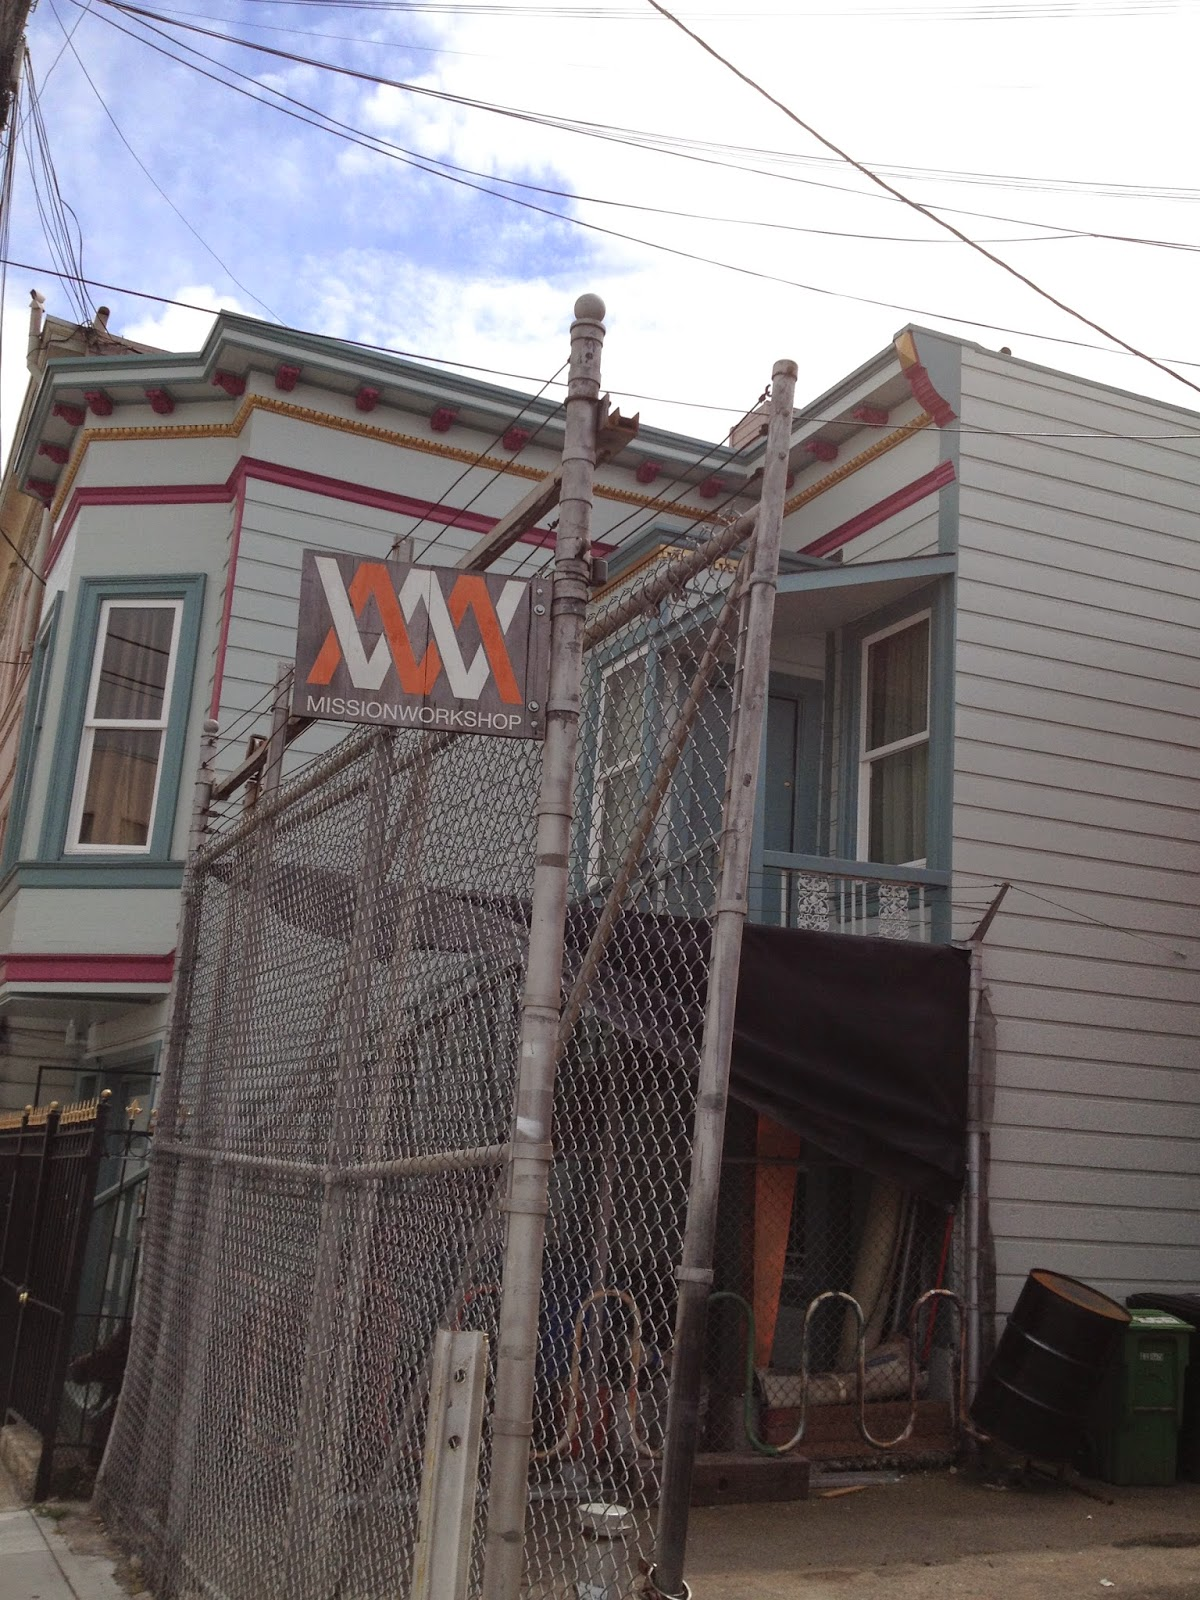 Mission Workshop in San Francisco